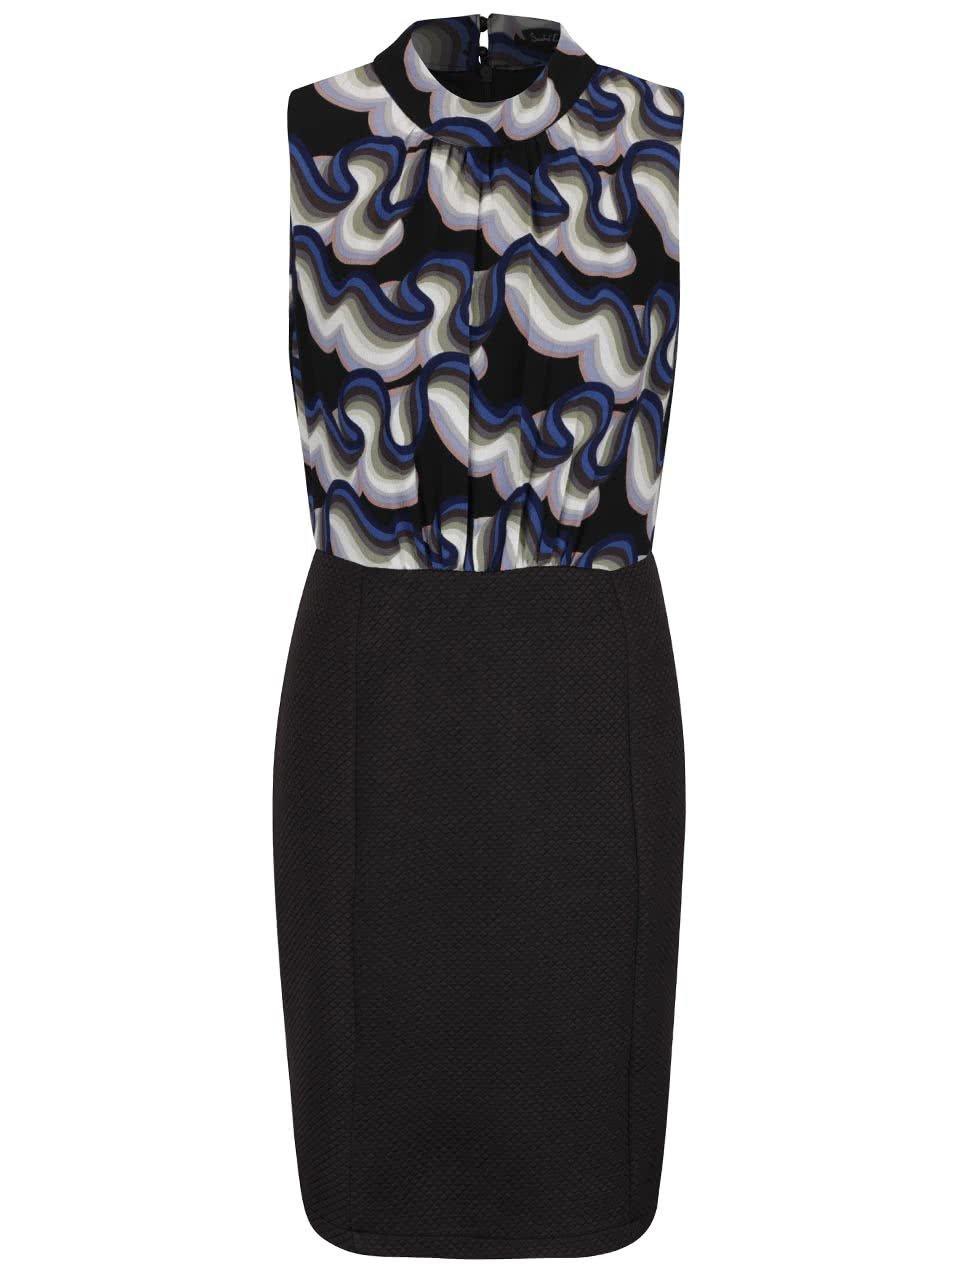 Černé šaty se vzorovaným topem Smashed Lemon